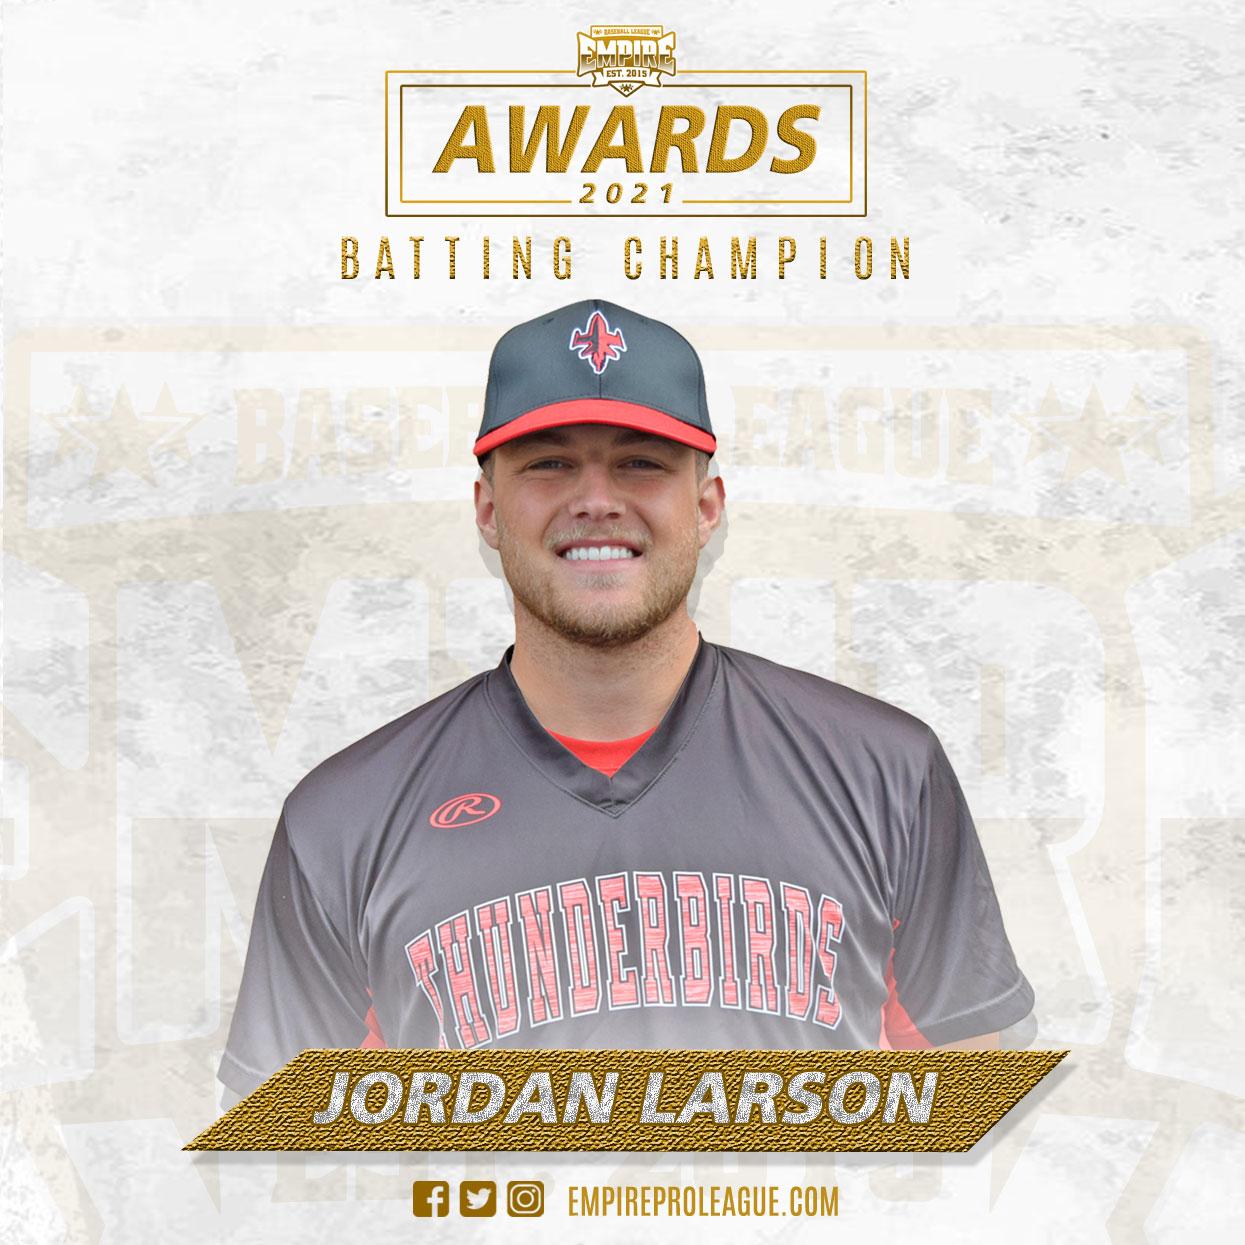 Awards-Batting-Champion